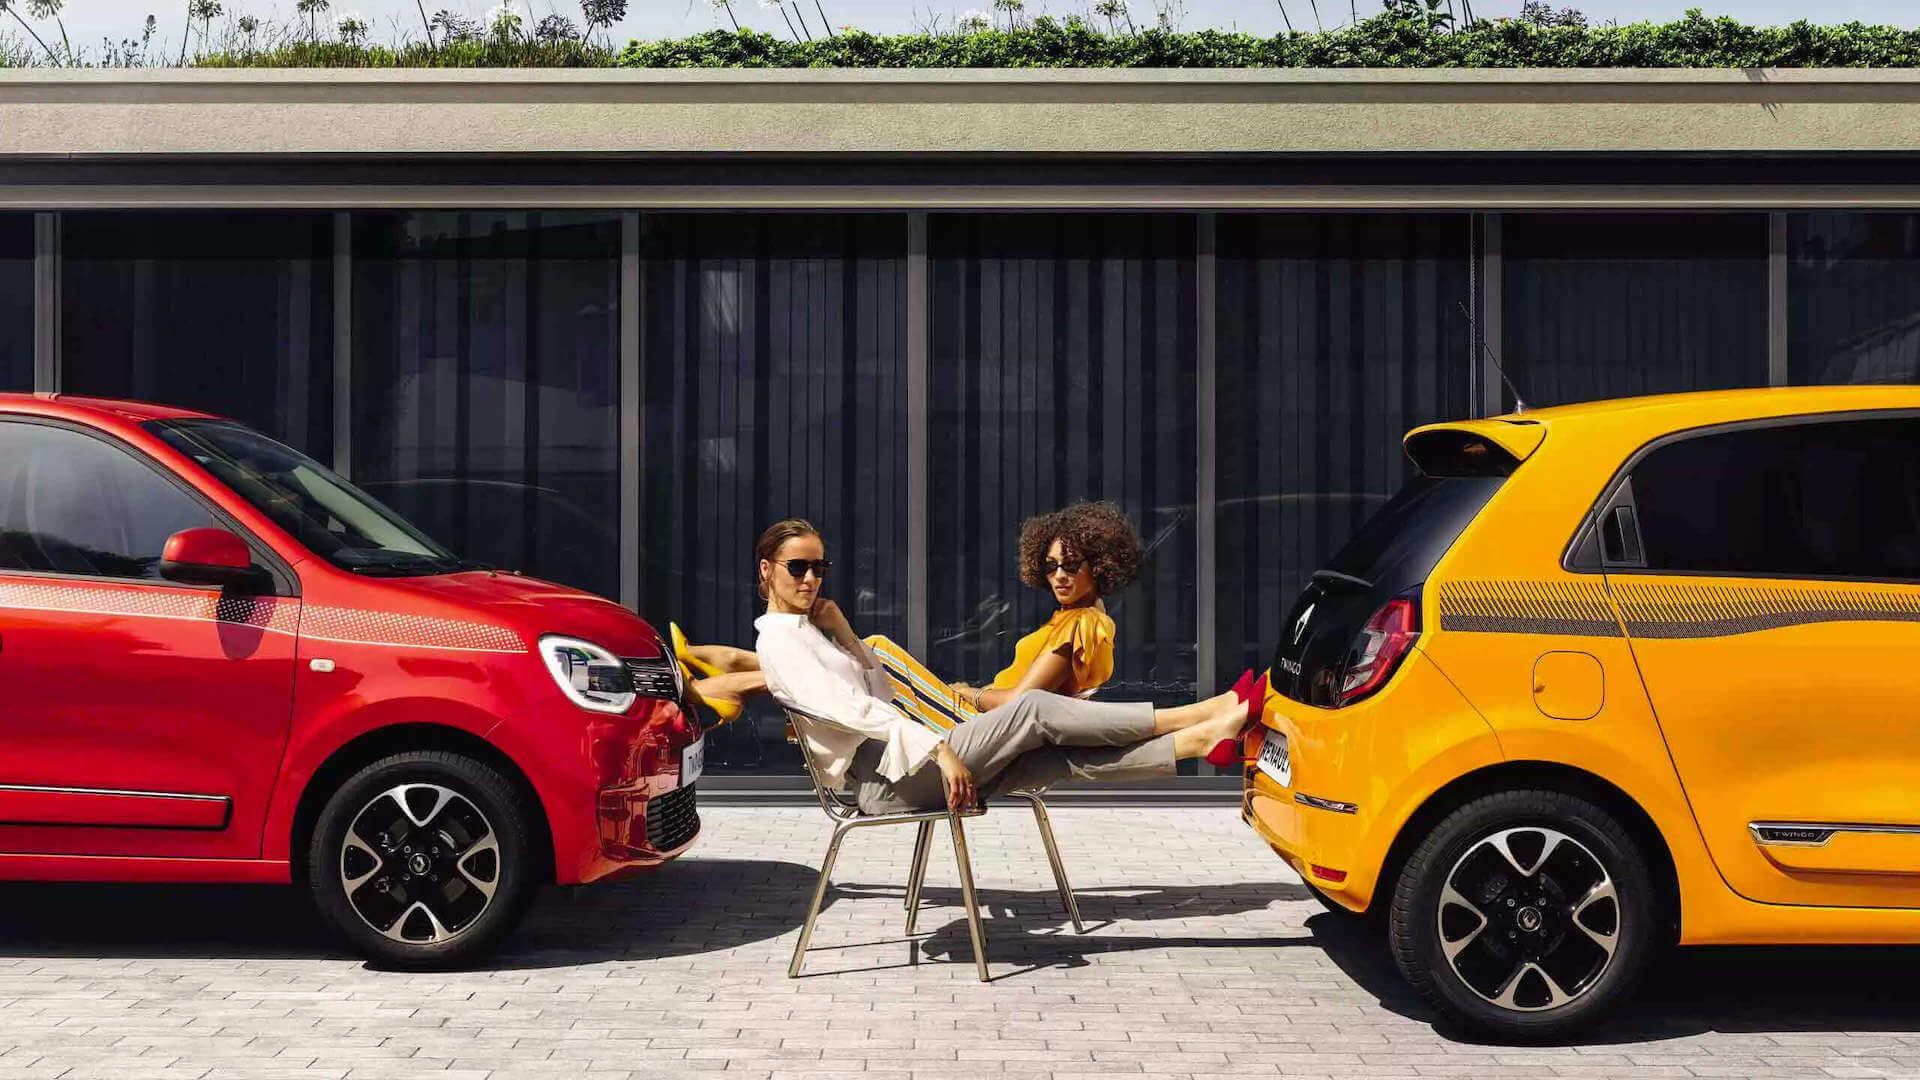 Seitenansicht von zwei Autos- Frauen Sitzen auf zwei Stühlen zwischen den Autos - Renault Twingo - Renault Ahrens Hannover